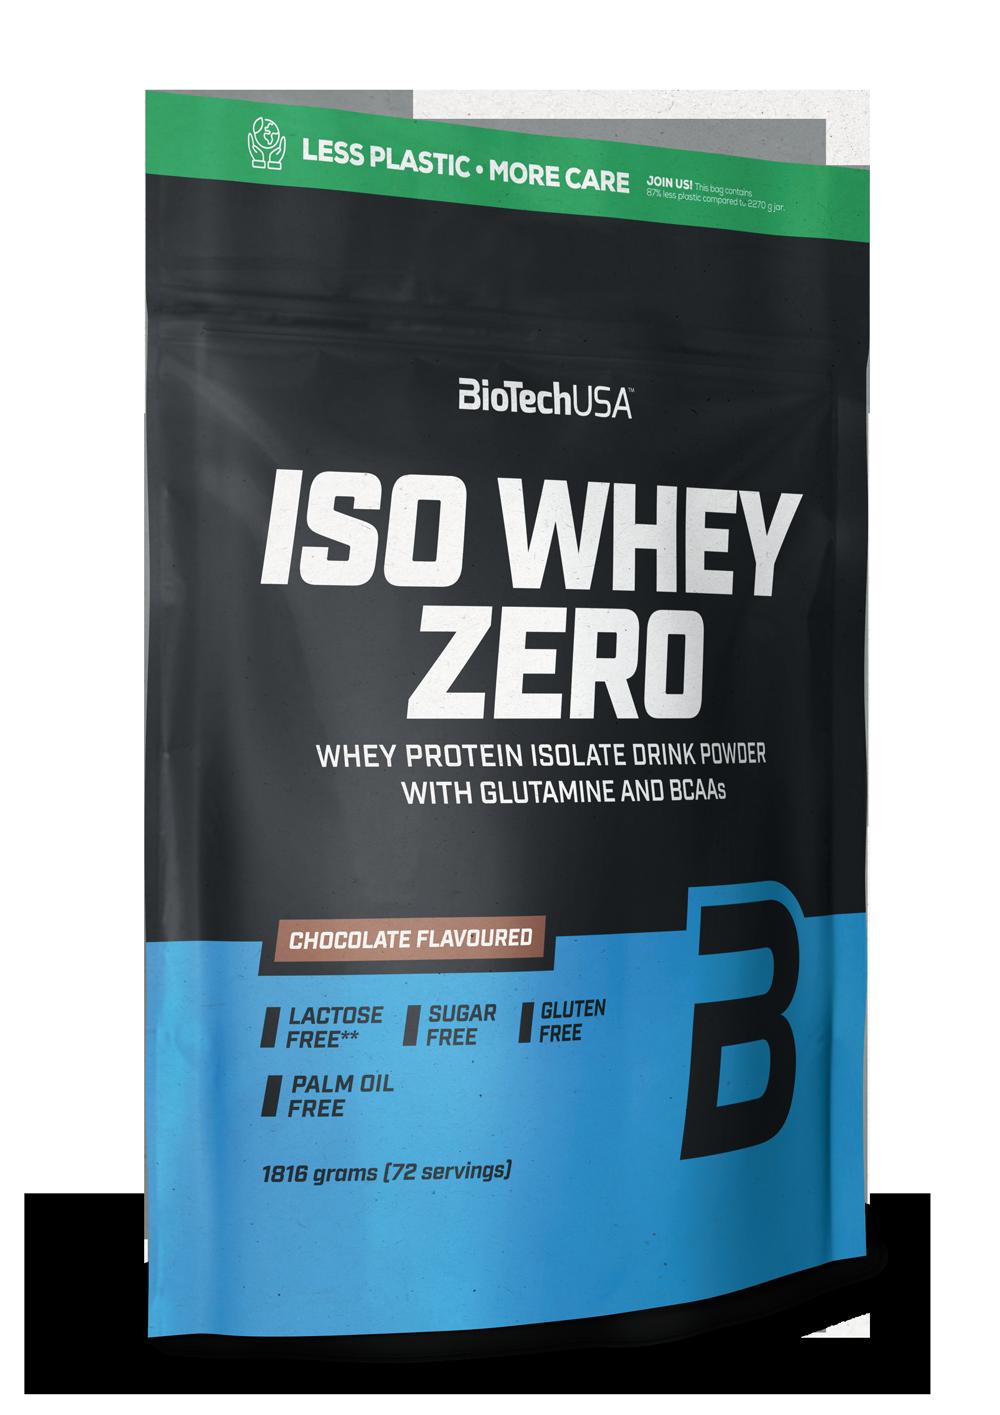 Biotech USA Iso Whey Zero Protein